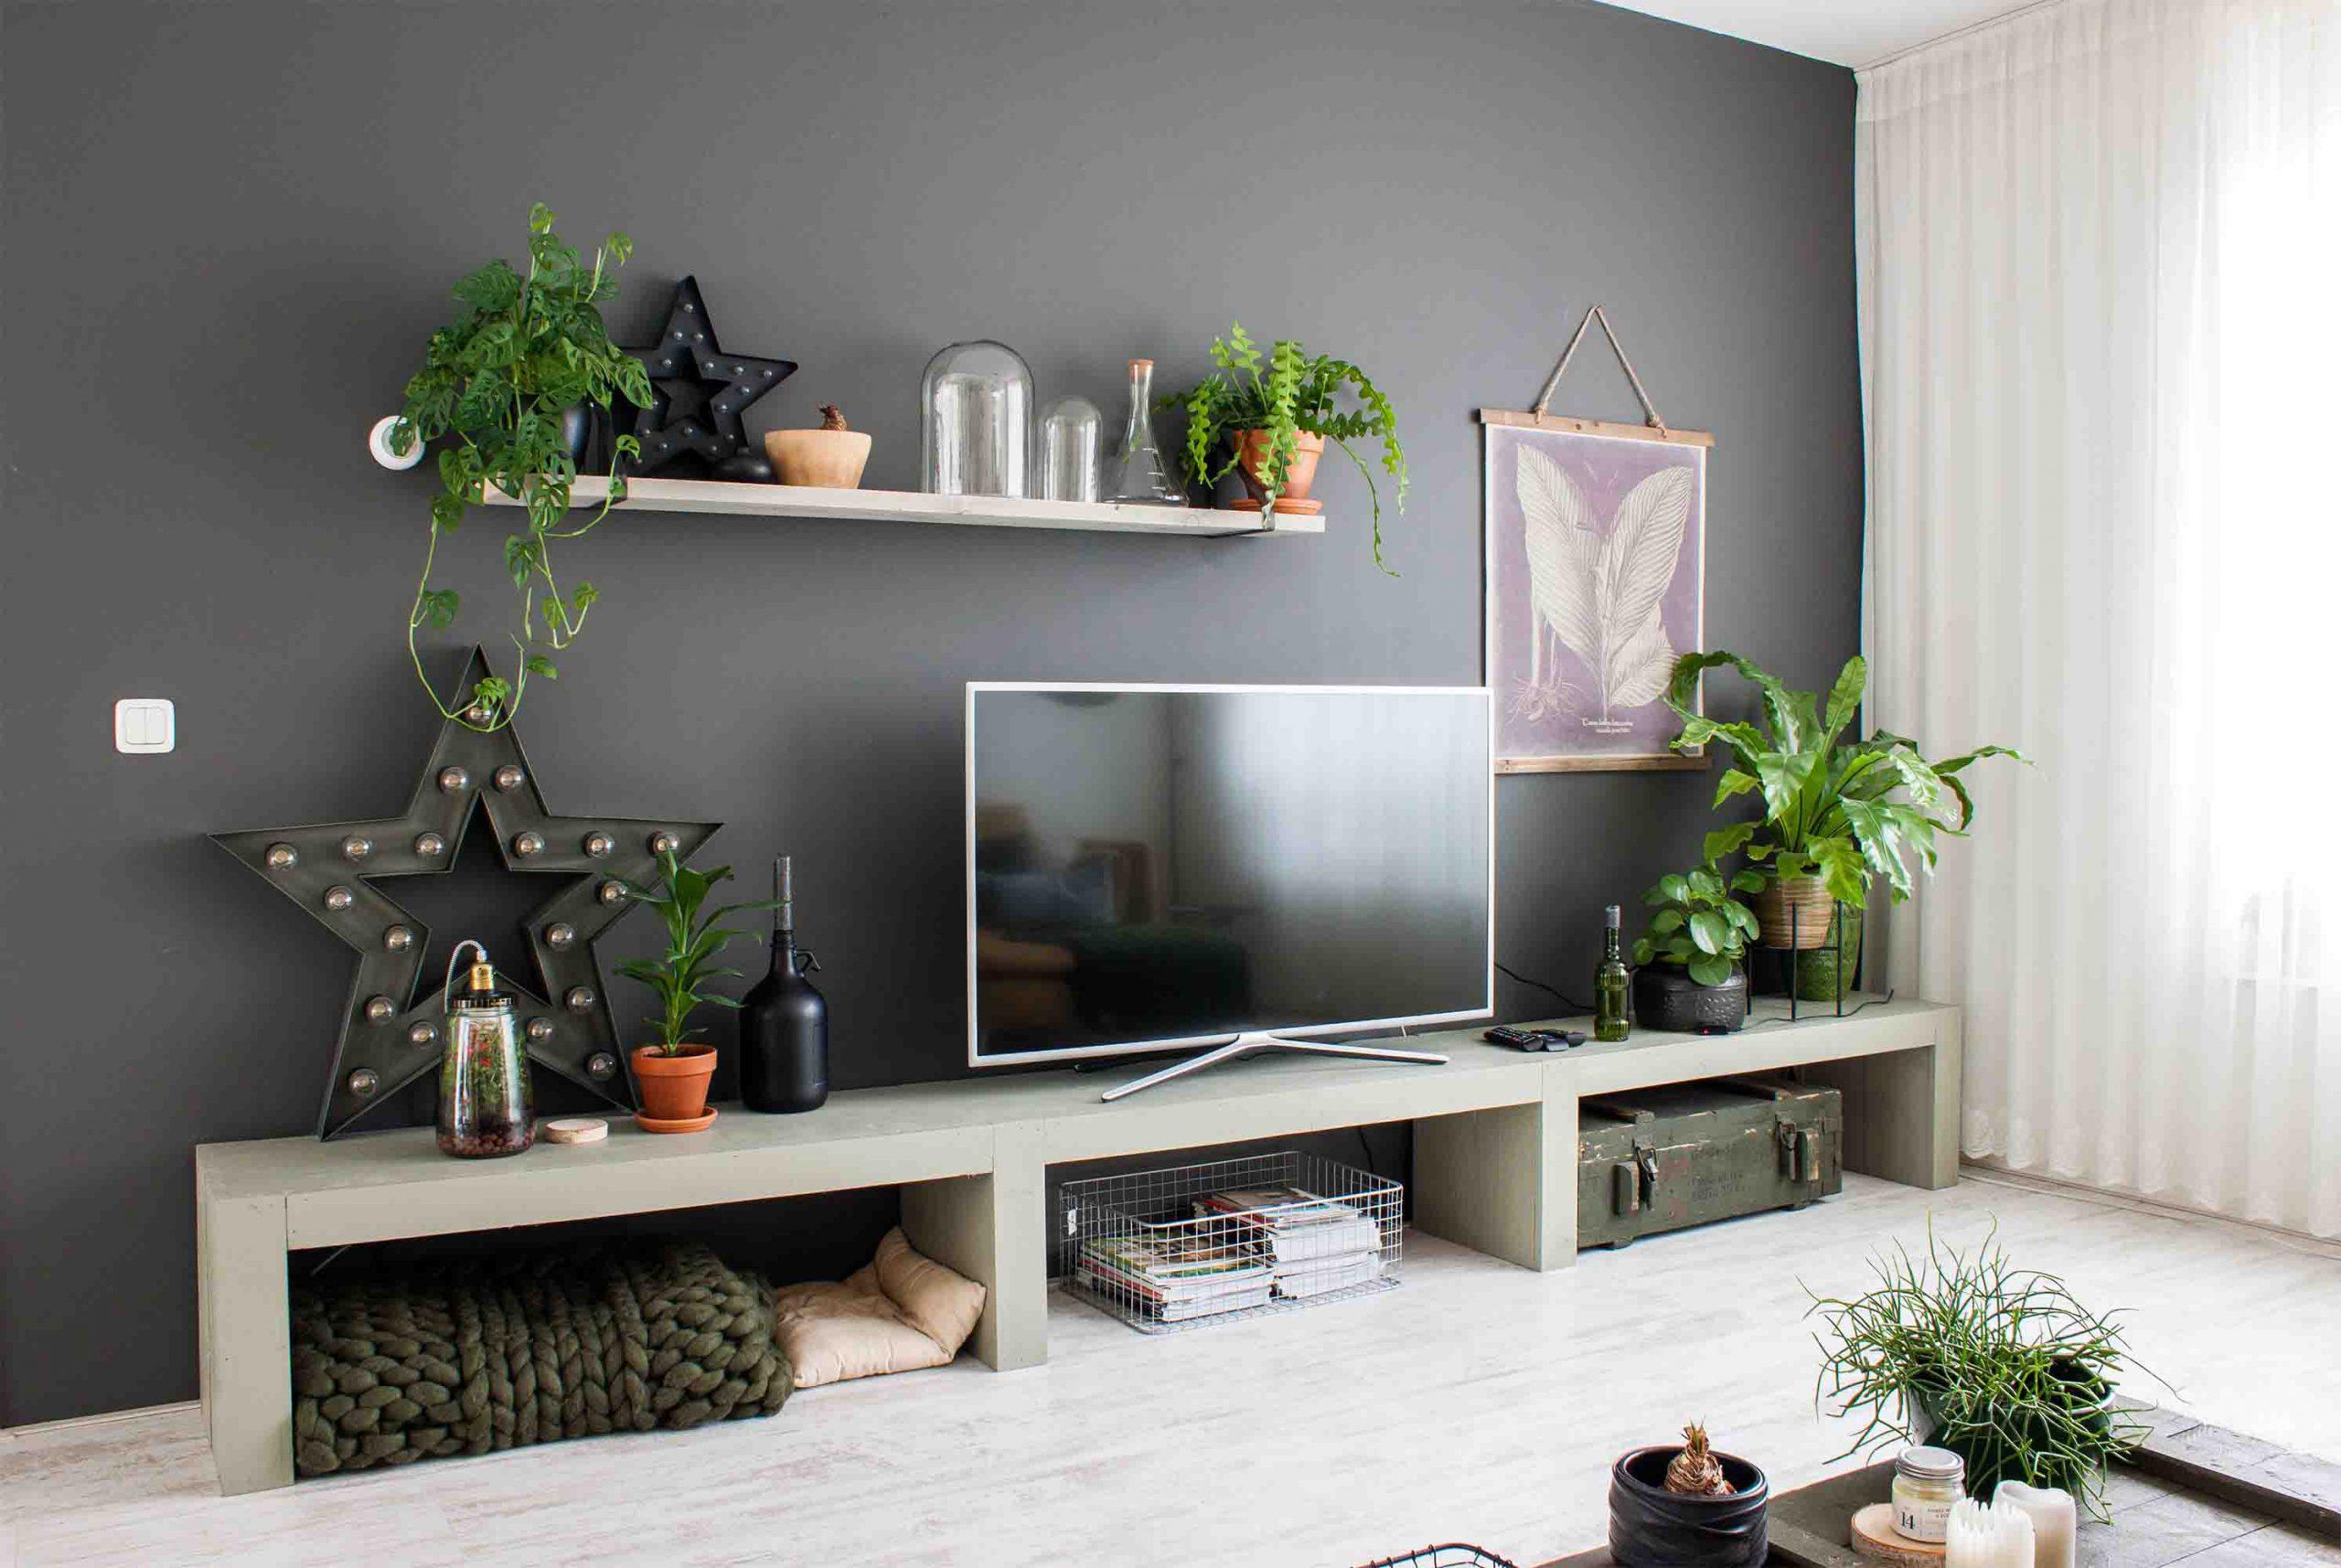 دیزاین دیوار پشت تلویزیون با شلف چوبی، قاب عکس و گلدان